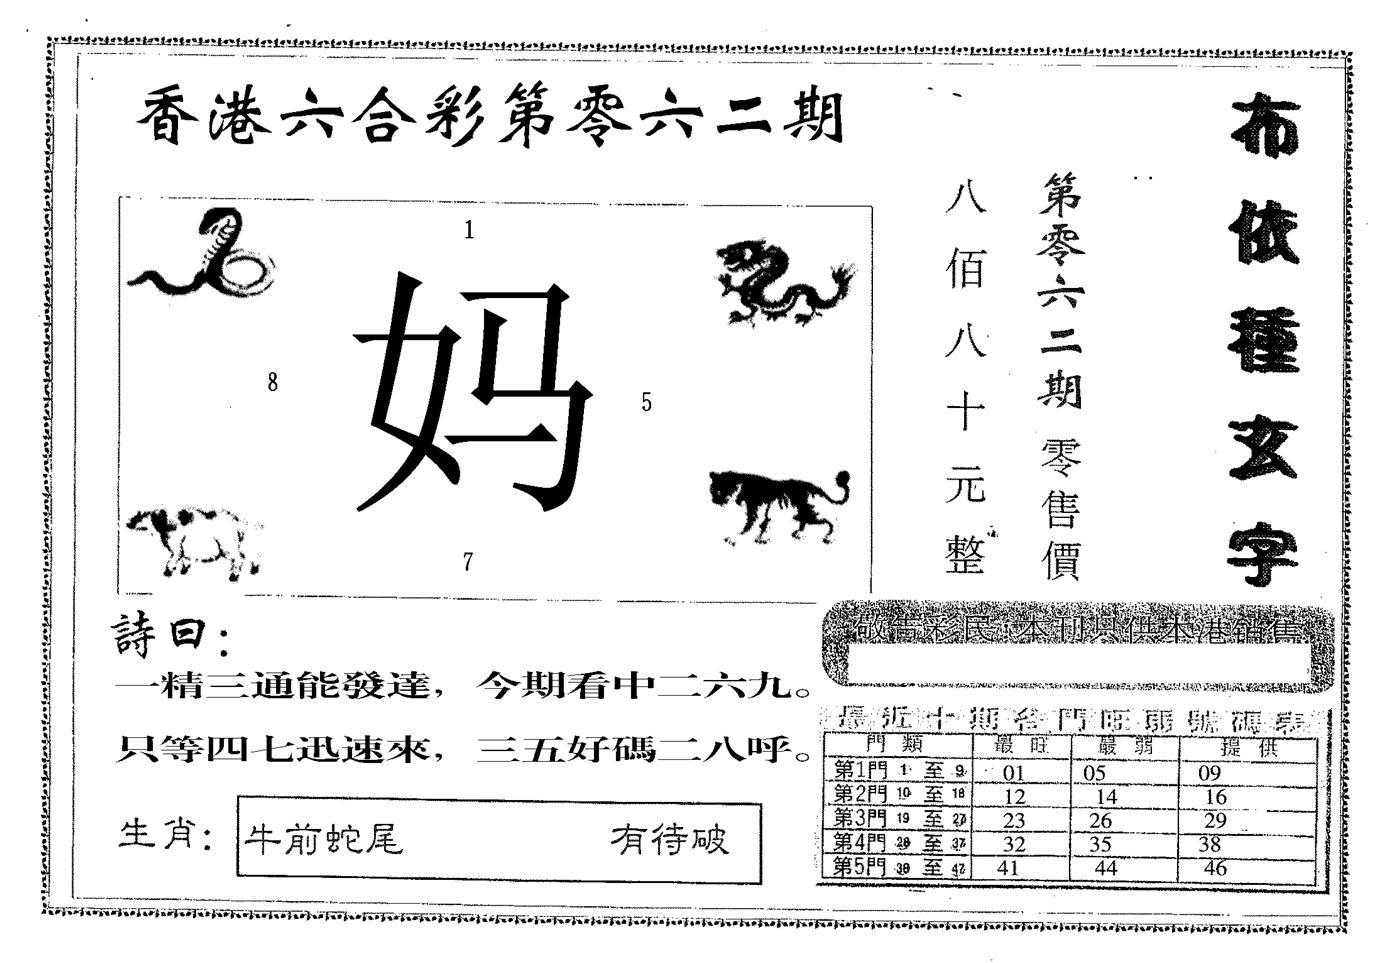 062期布衣种(黑白)